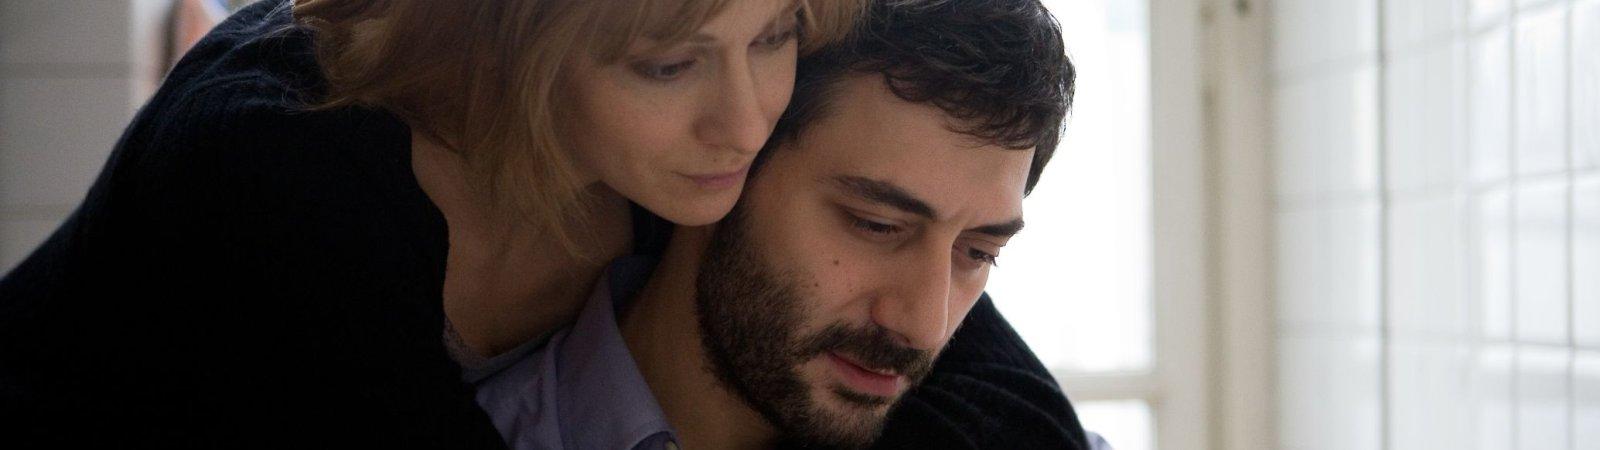 Photo dernier film Fausto Russo Alesi